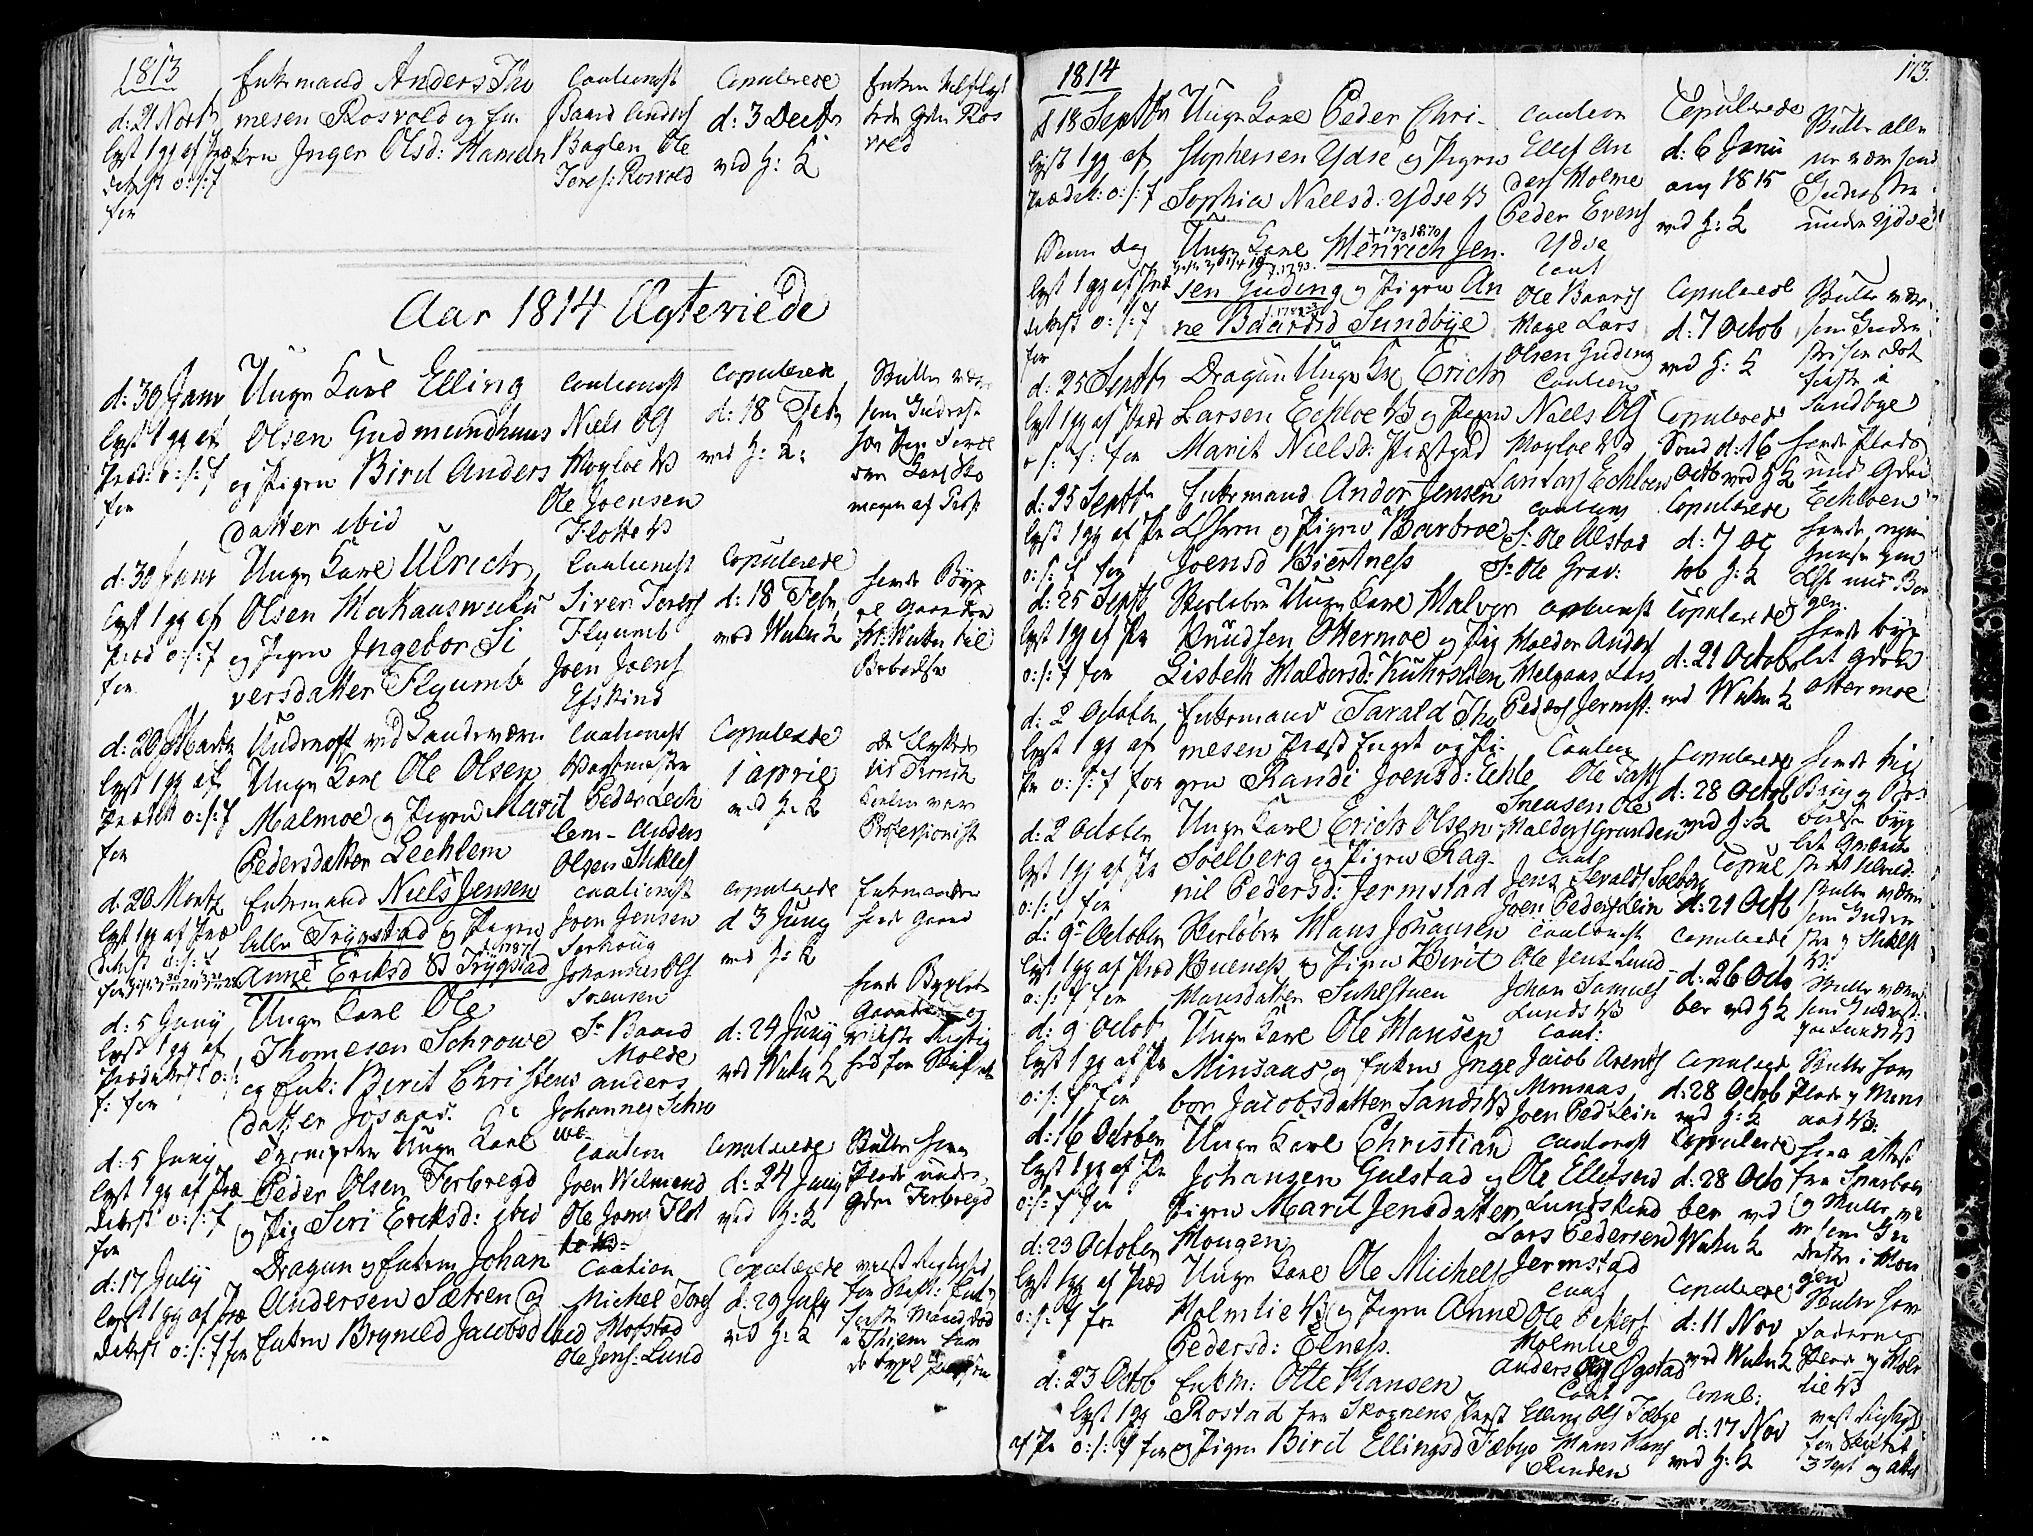 SAT, Ministerialprotokoller, klokkerbøker og fødselsregistre - Nord-Trøndelag, 723/L0233: Ministerialbok nr. 723A04, 1805-1816, s. 173